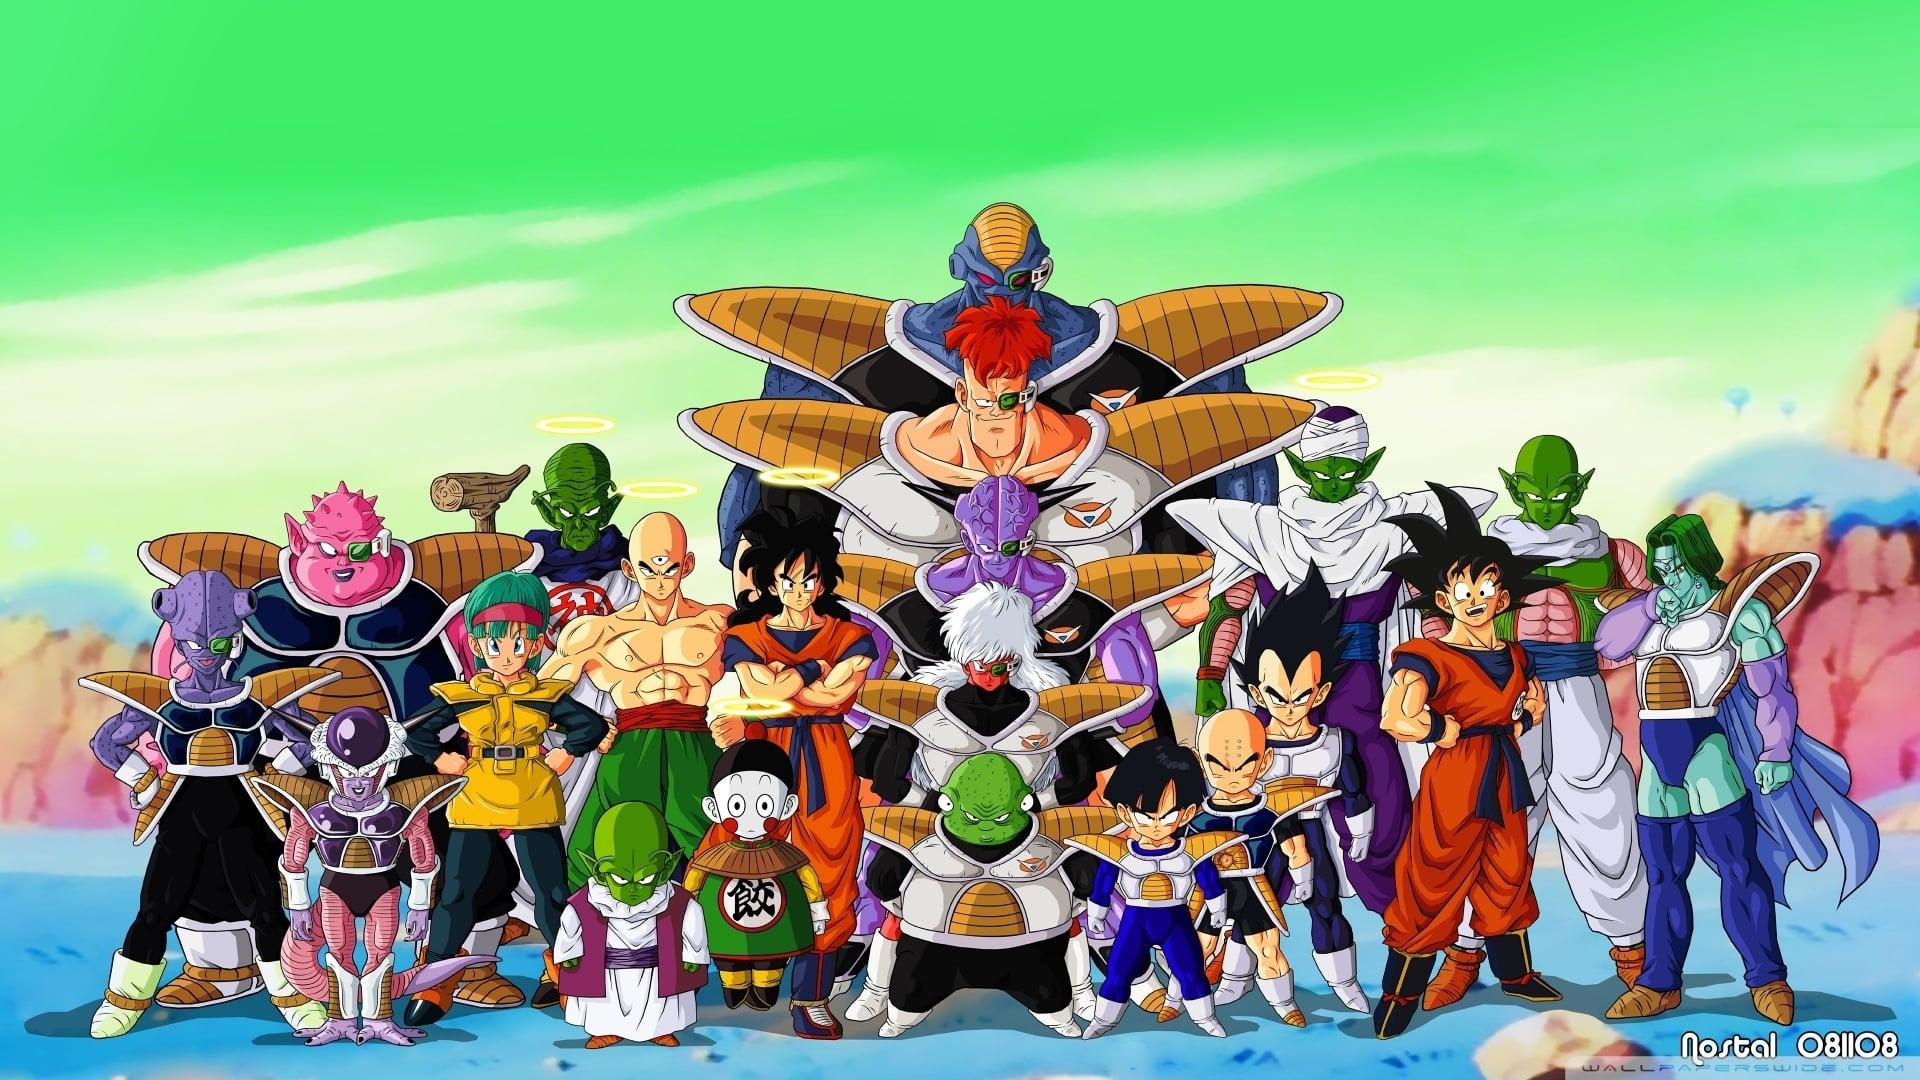 Uranai Baba Wallpaper Still of Dragon Ball z